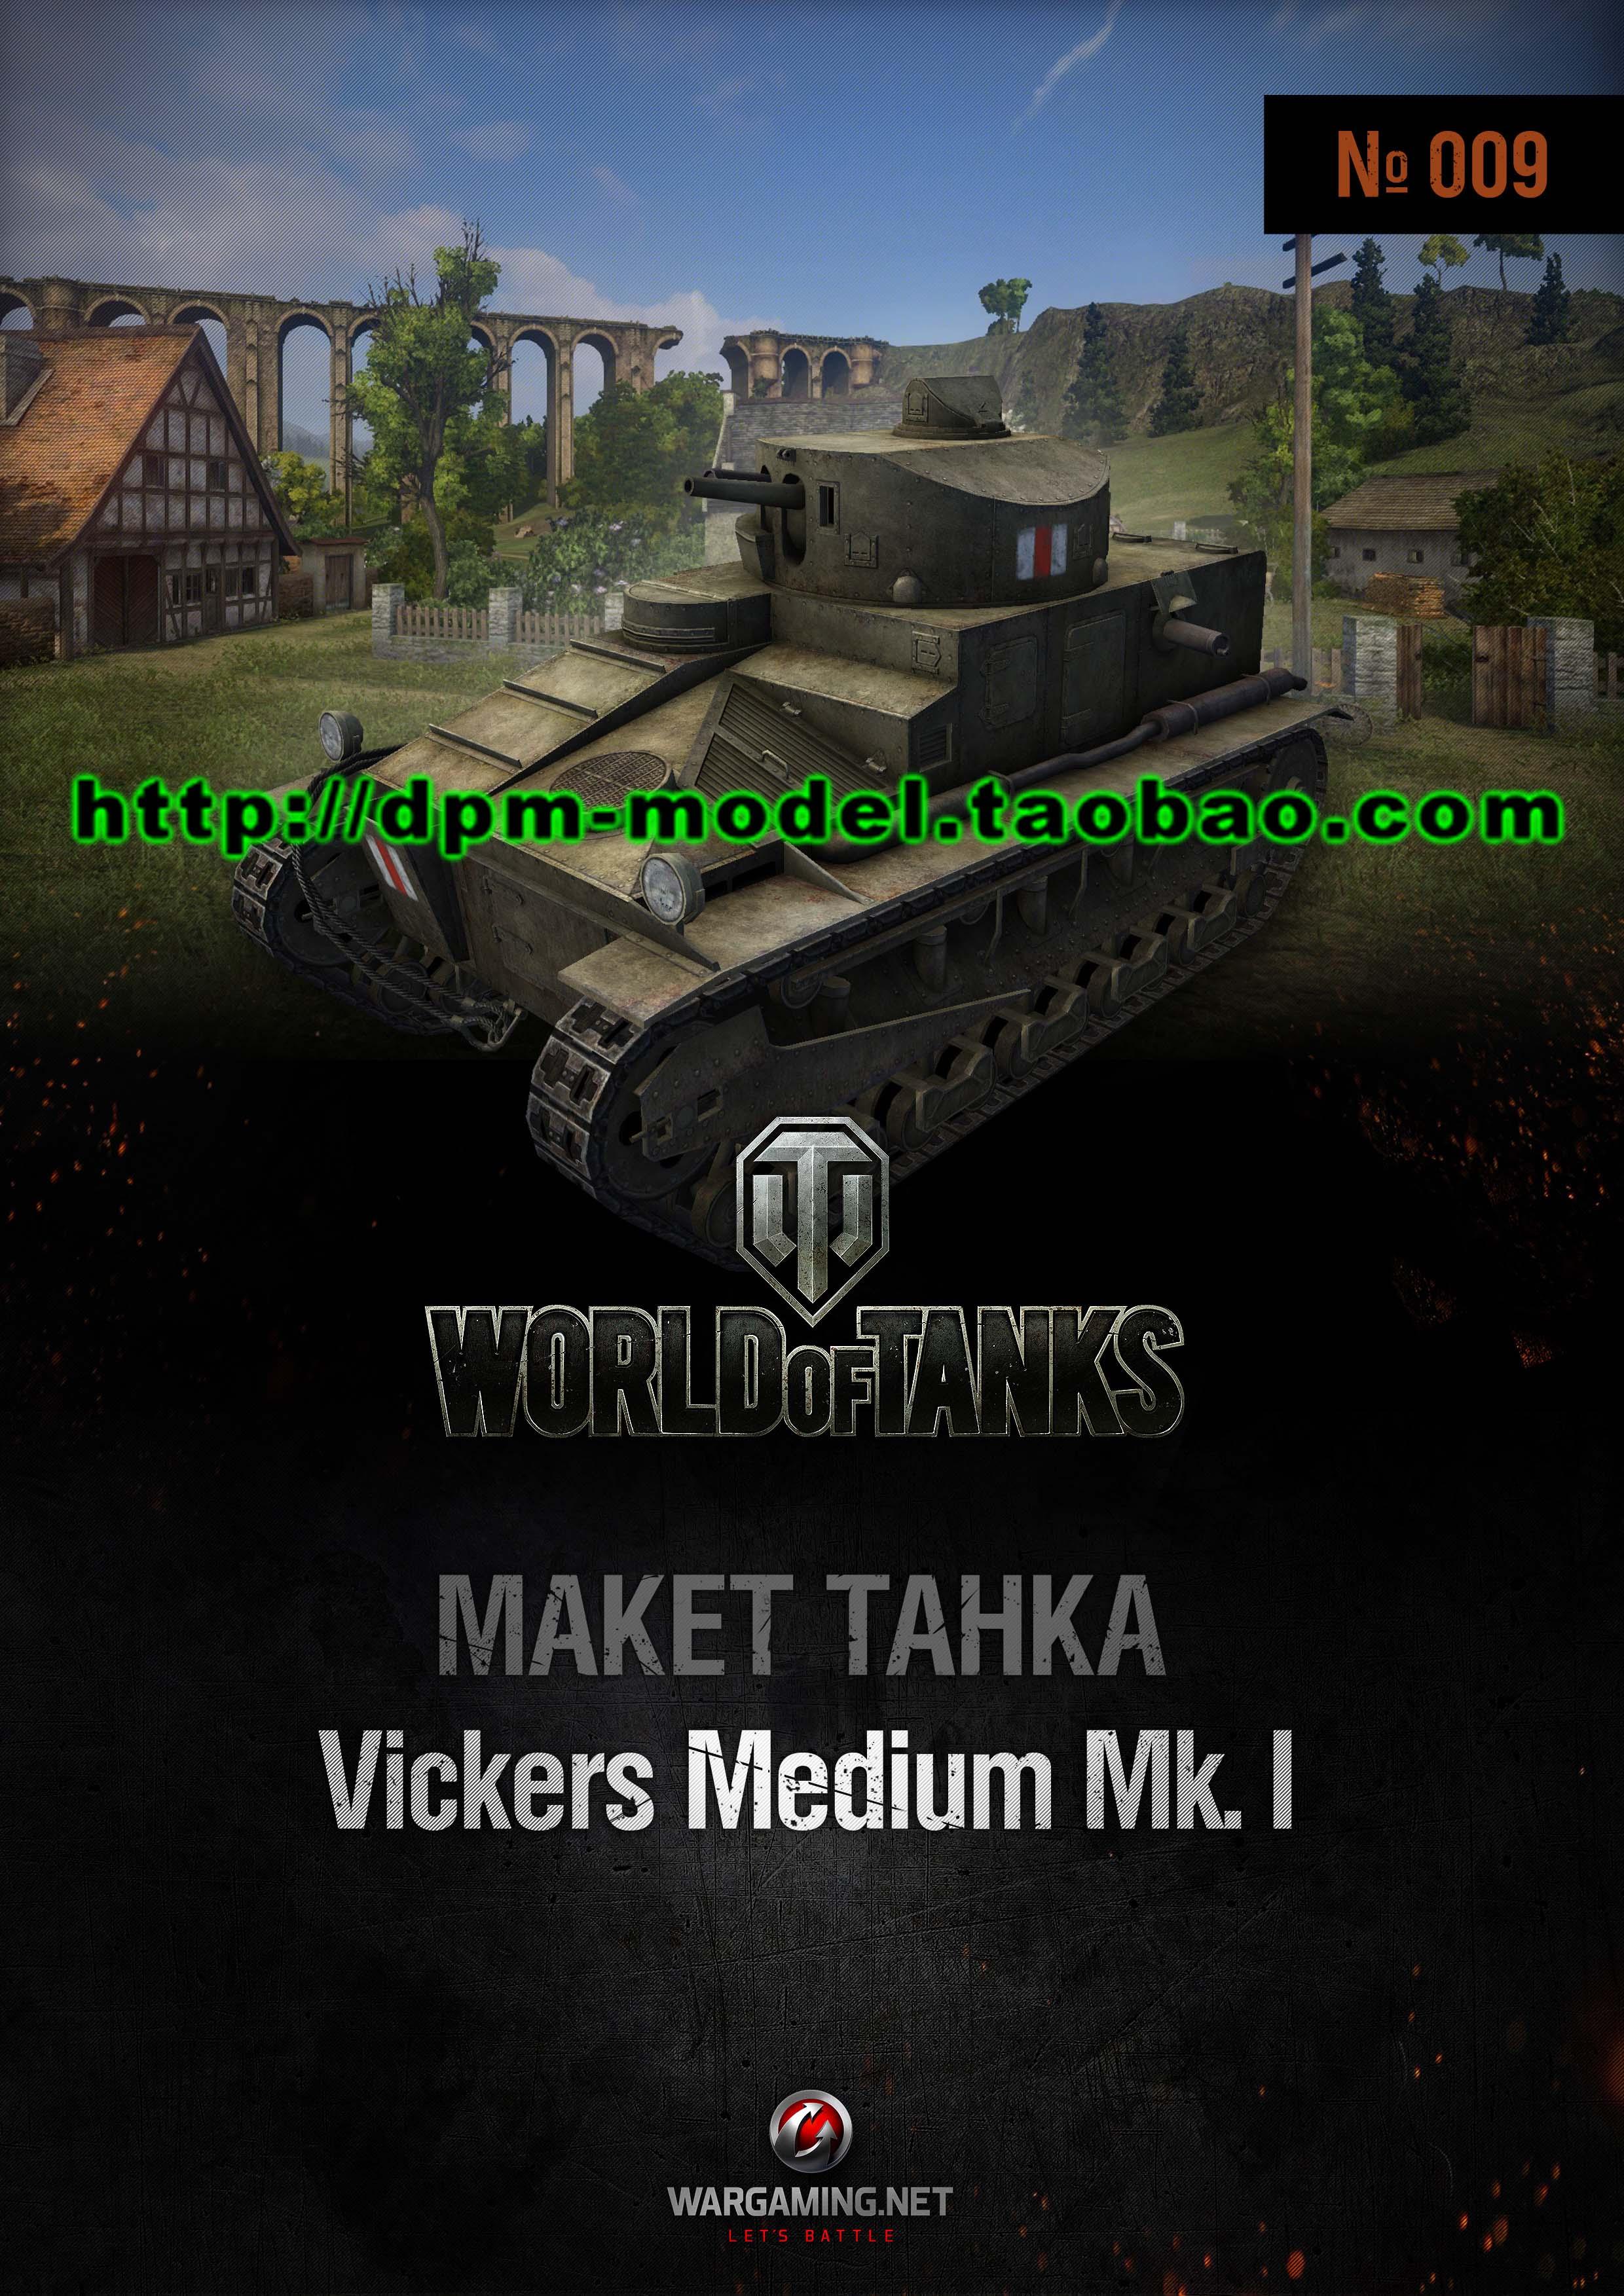 坦克世界 Vickers Medium Mk.I(维克斯) 1:72 1:35印刷版DPM纸